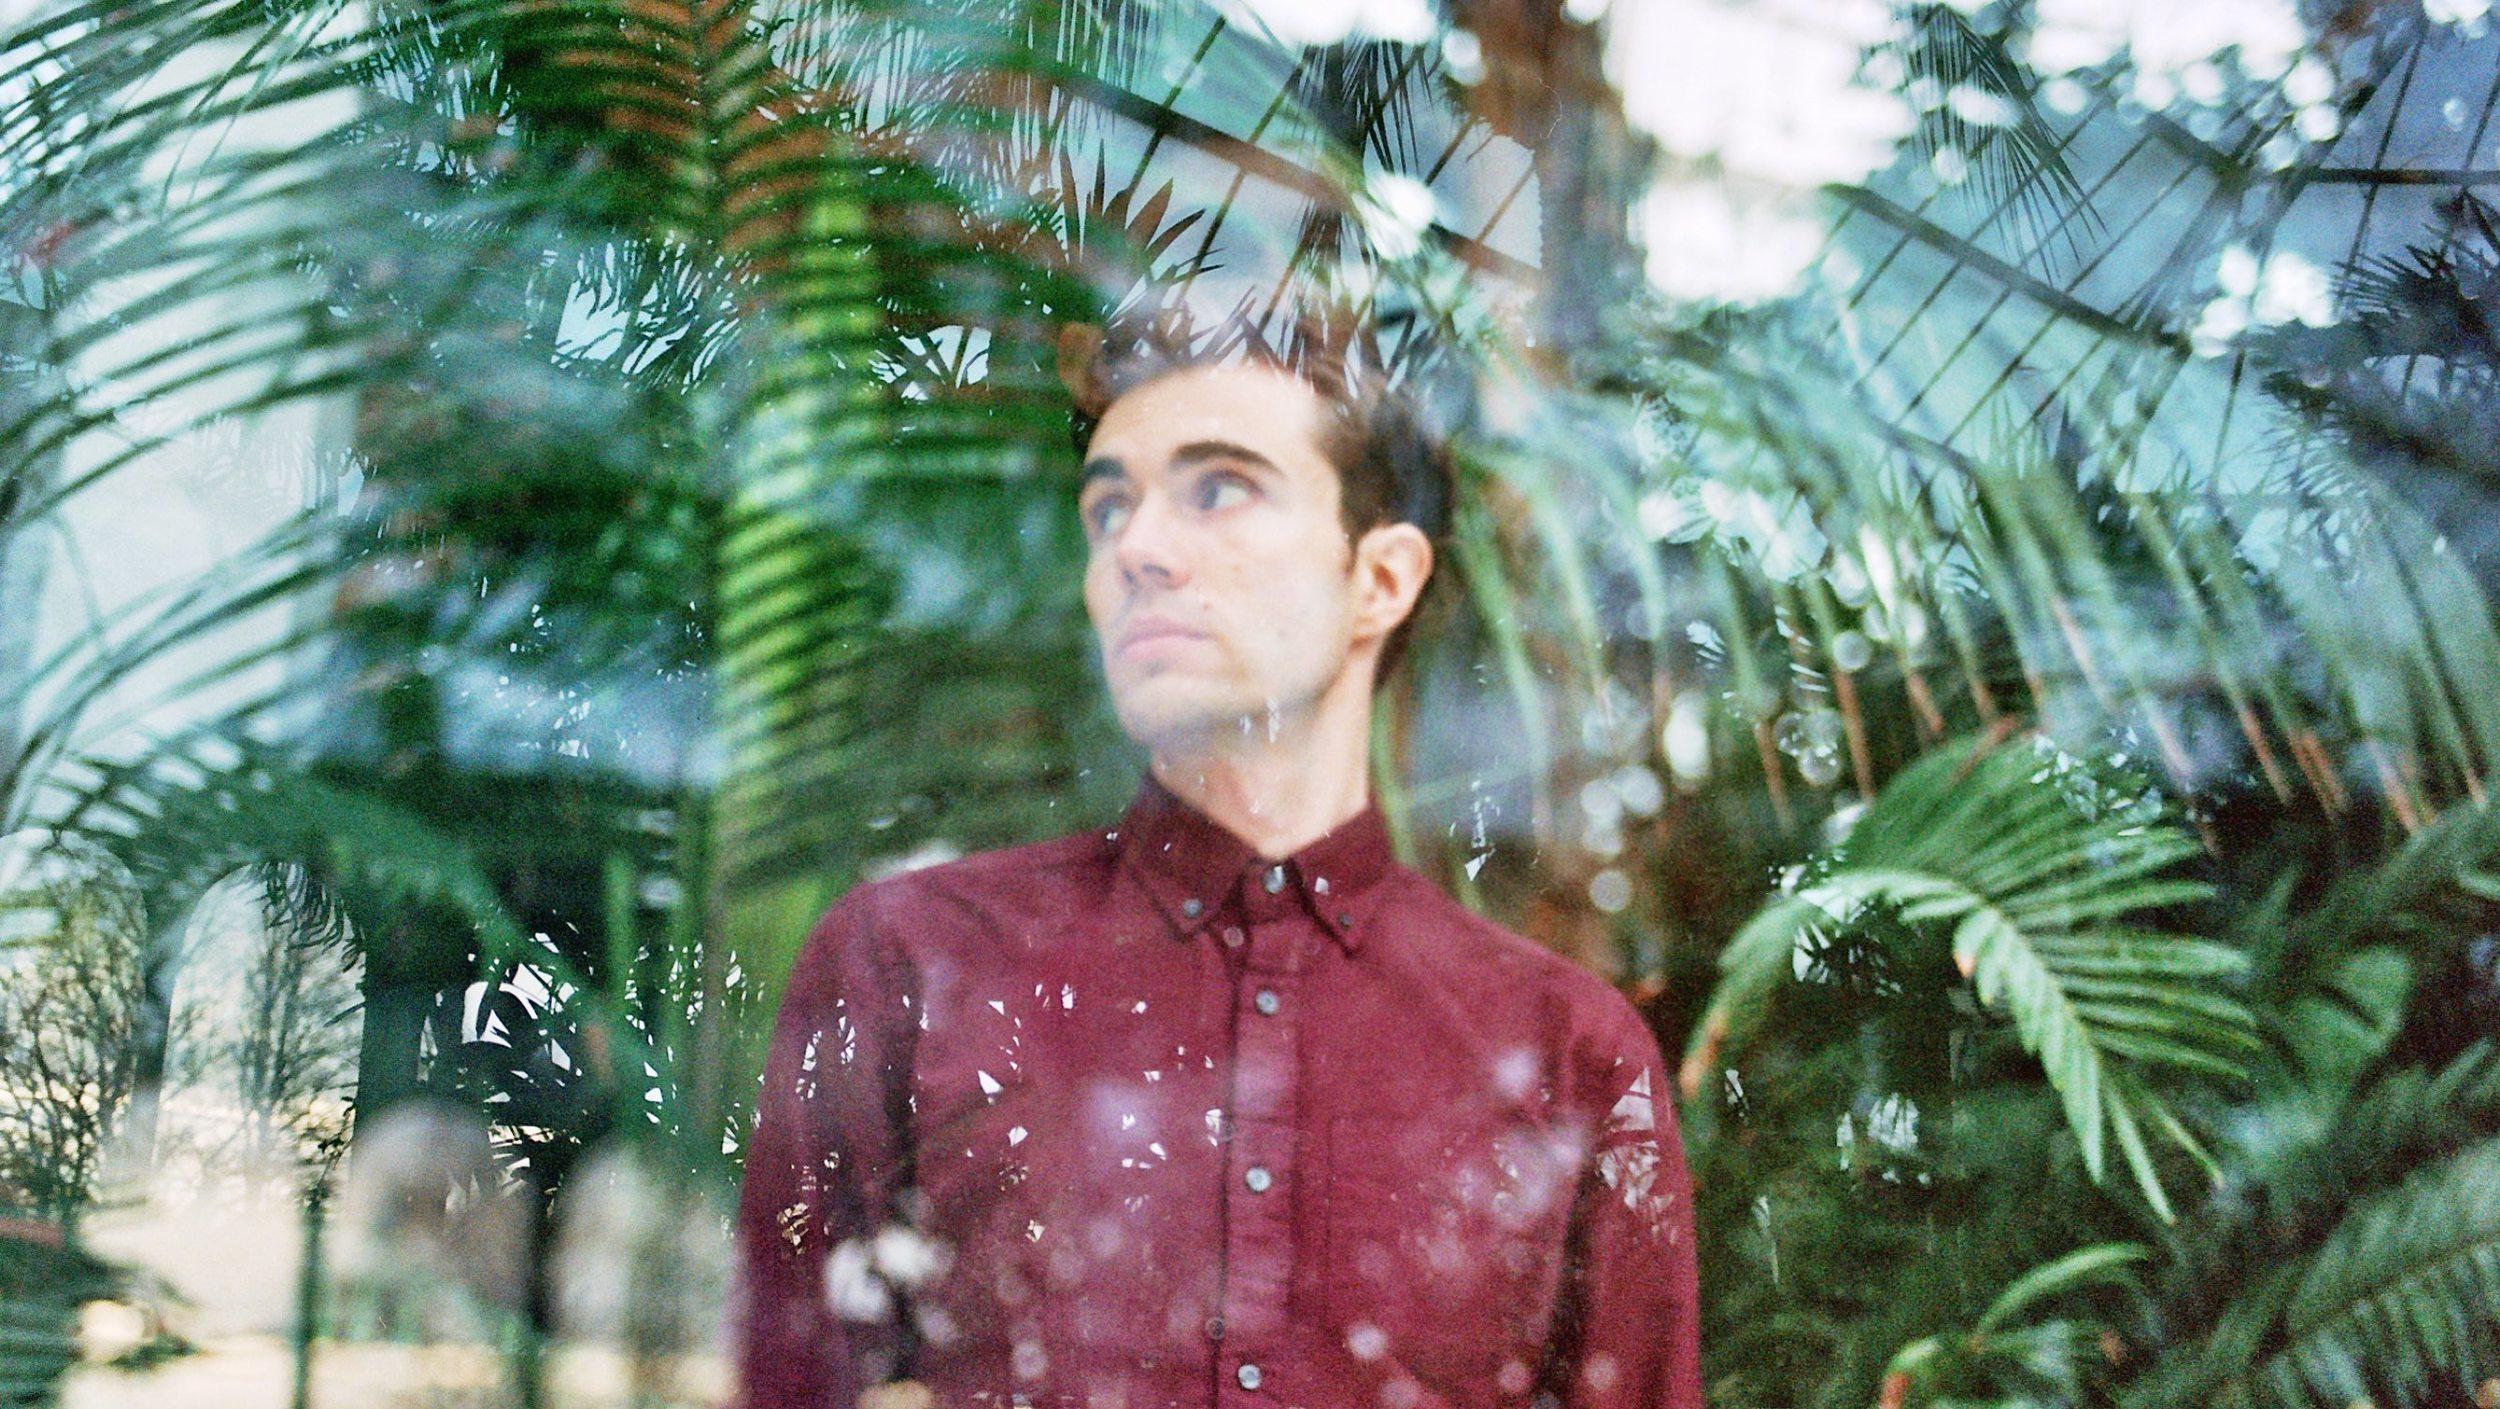 Photo by Andrew Ellis